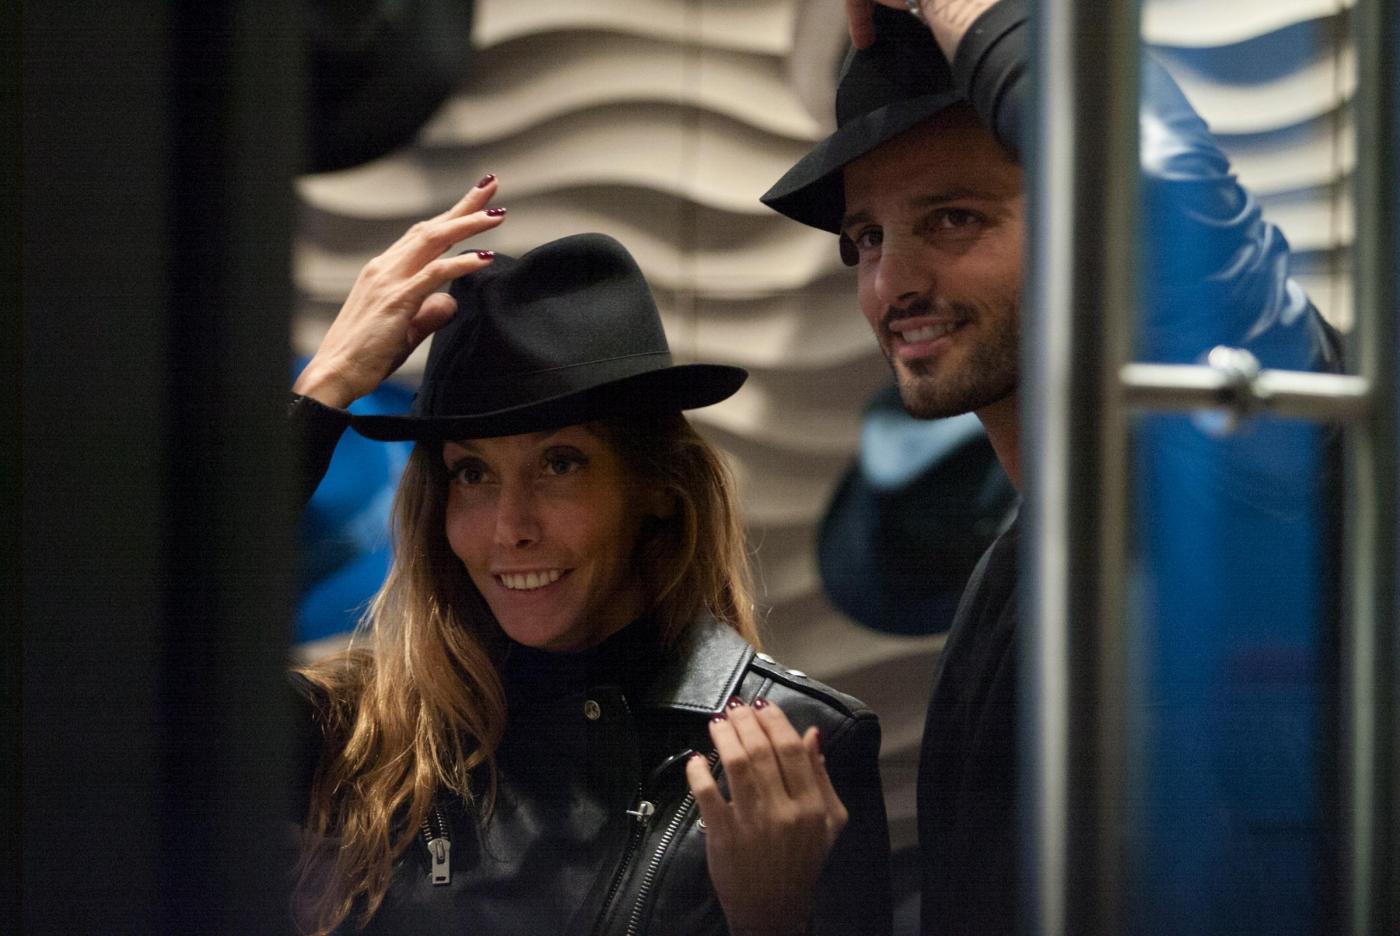 Alessio Lopasso e Roberta Bonfanti travolti dalla passione durante lo shopping12